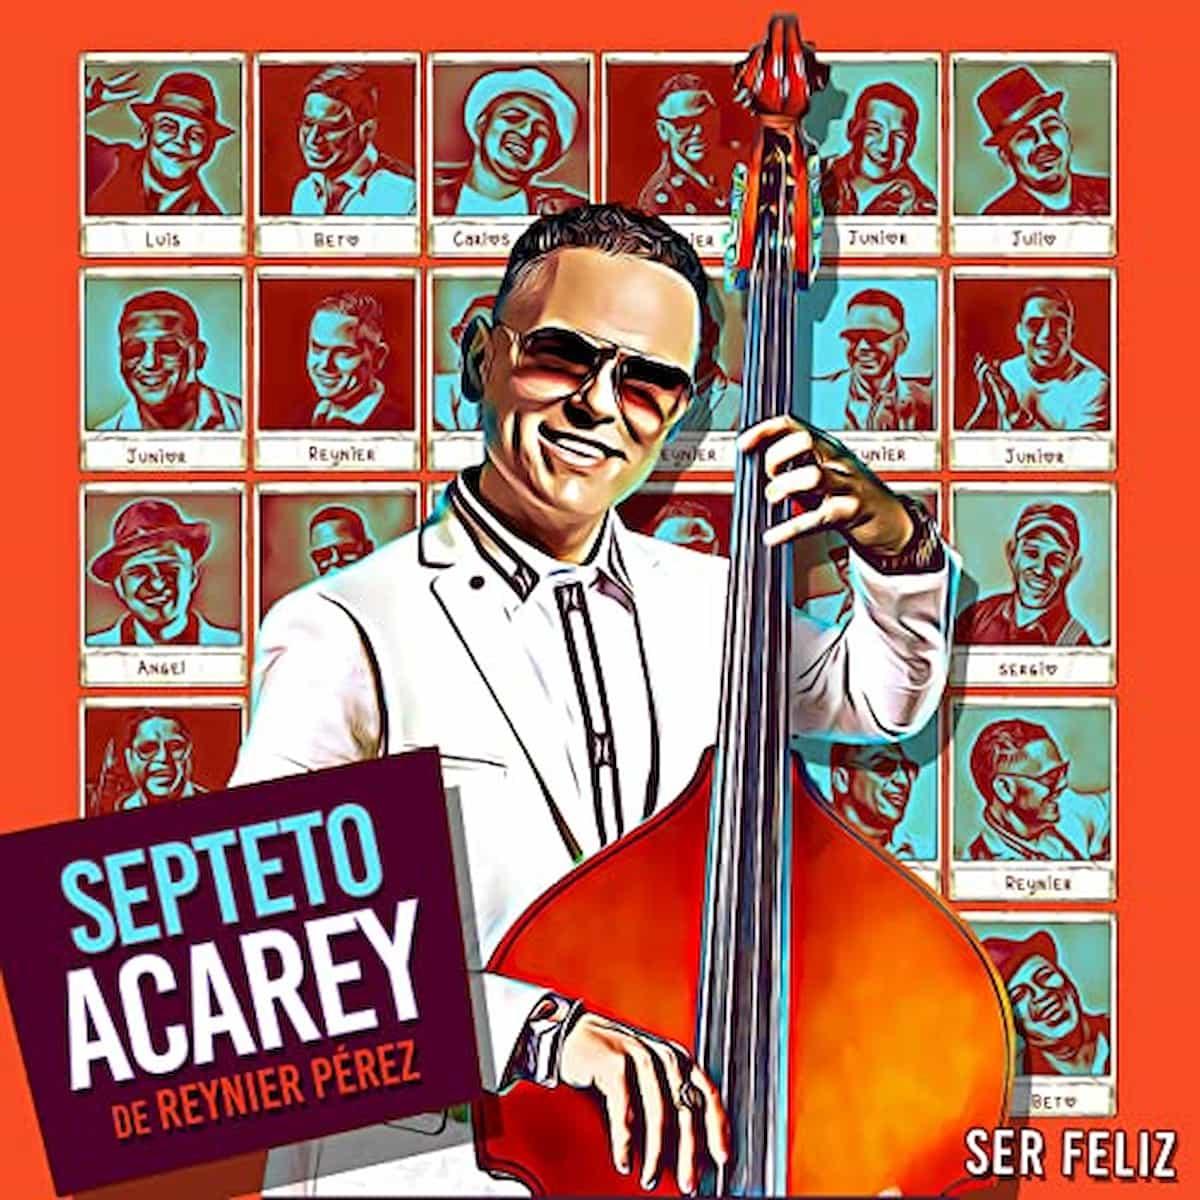 """Salsa 2021 Septeto Acarey Album """"Ser Feliz"""" mit bestens tanzbarer Salsa-Musik"""